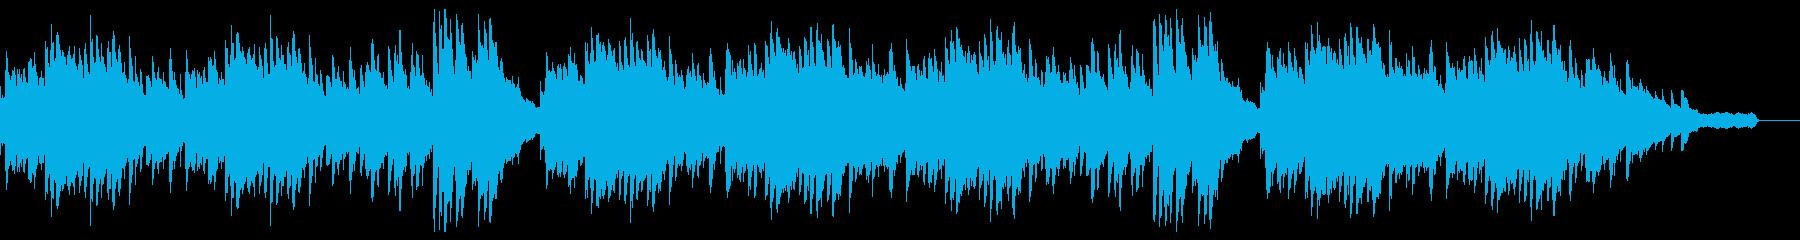 室内楽 クラシック 交響曲 ロマン...の再生済みの波形